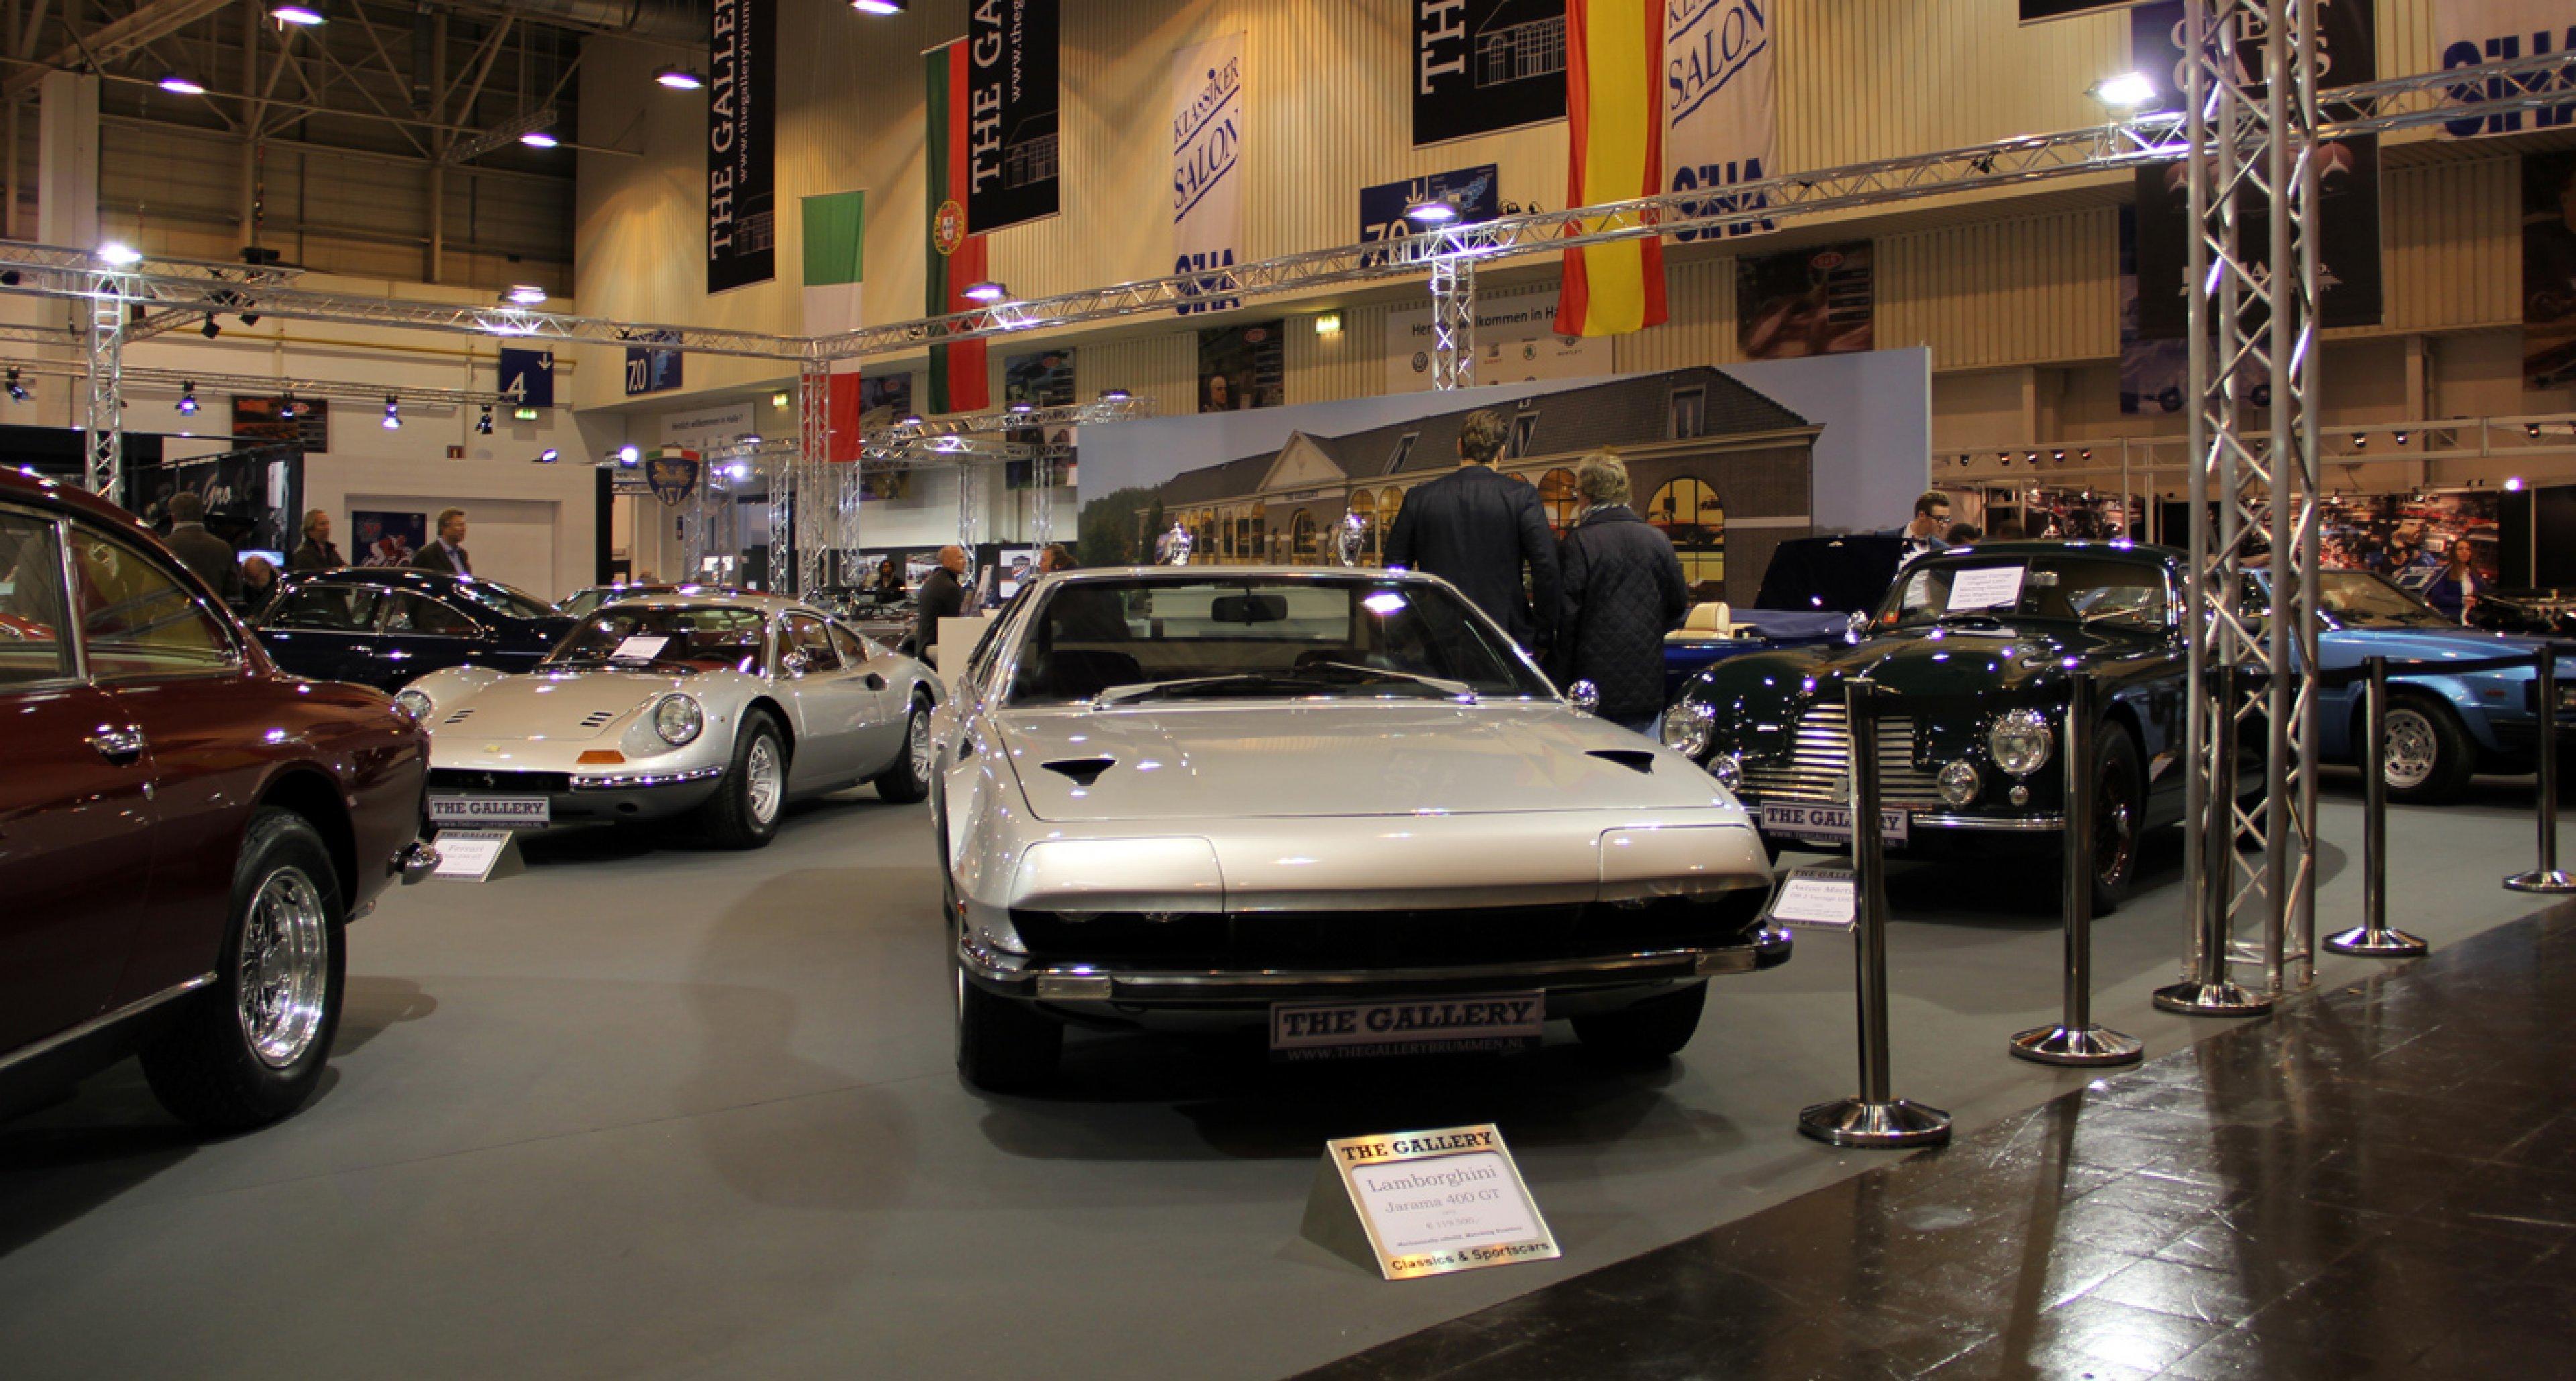 Techno Classica Essen 2014: Lamborghini Jarama 400 GT from The Gallery